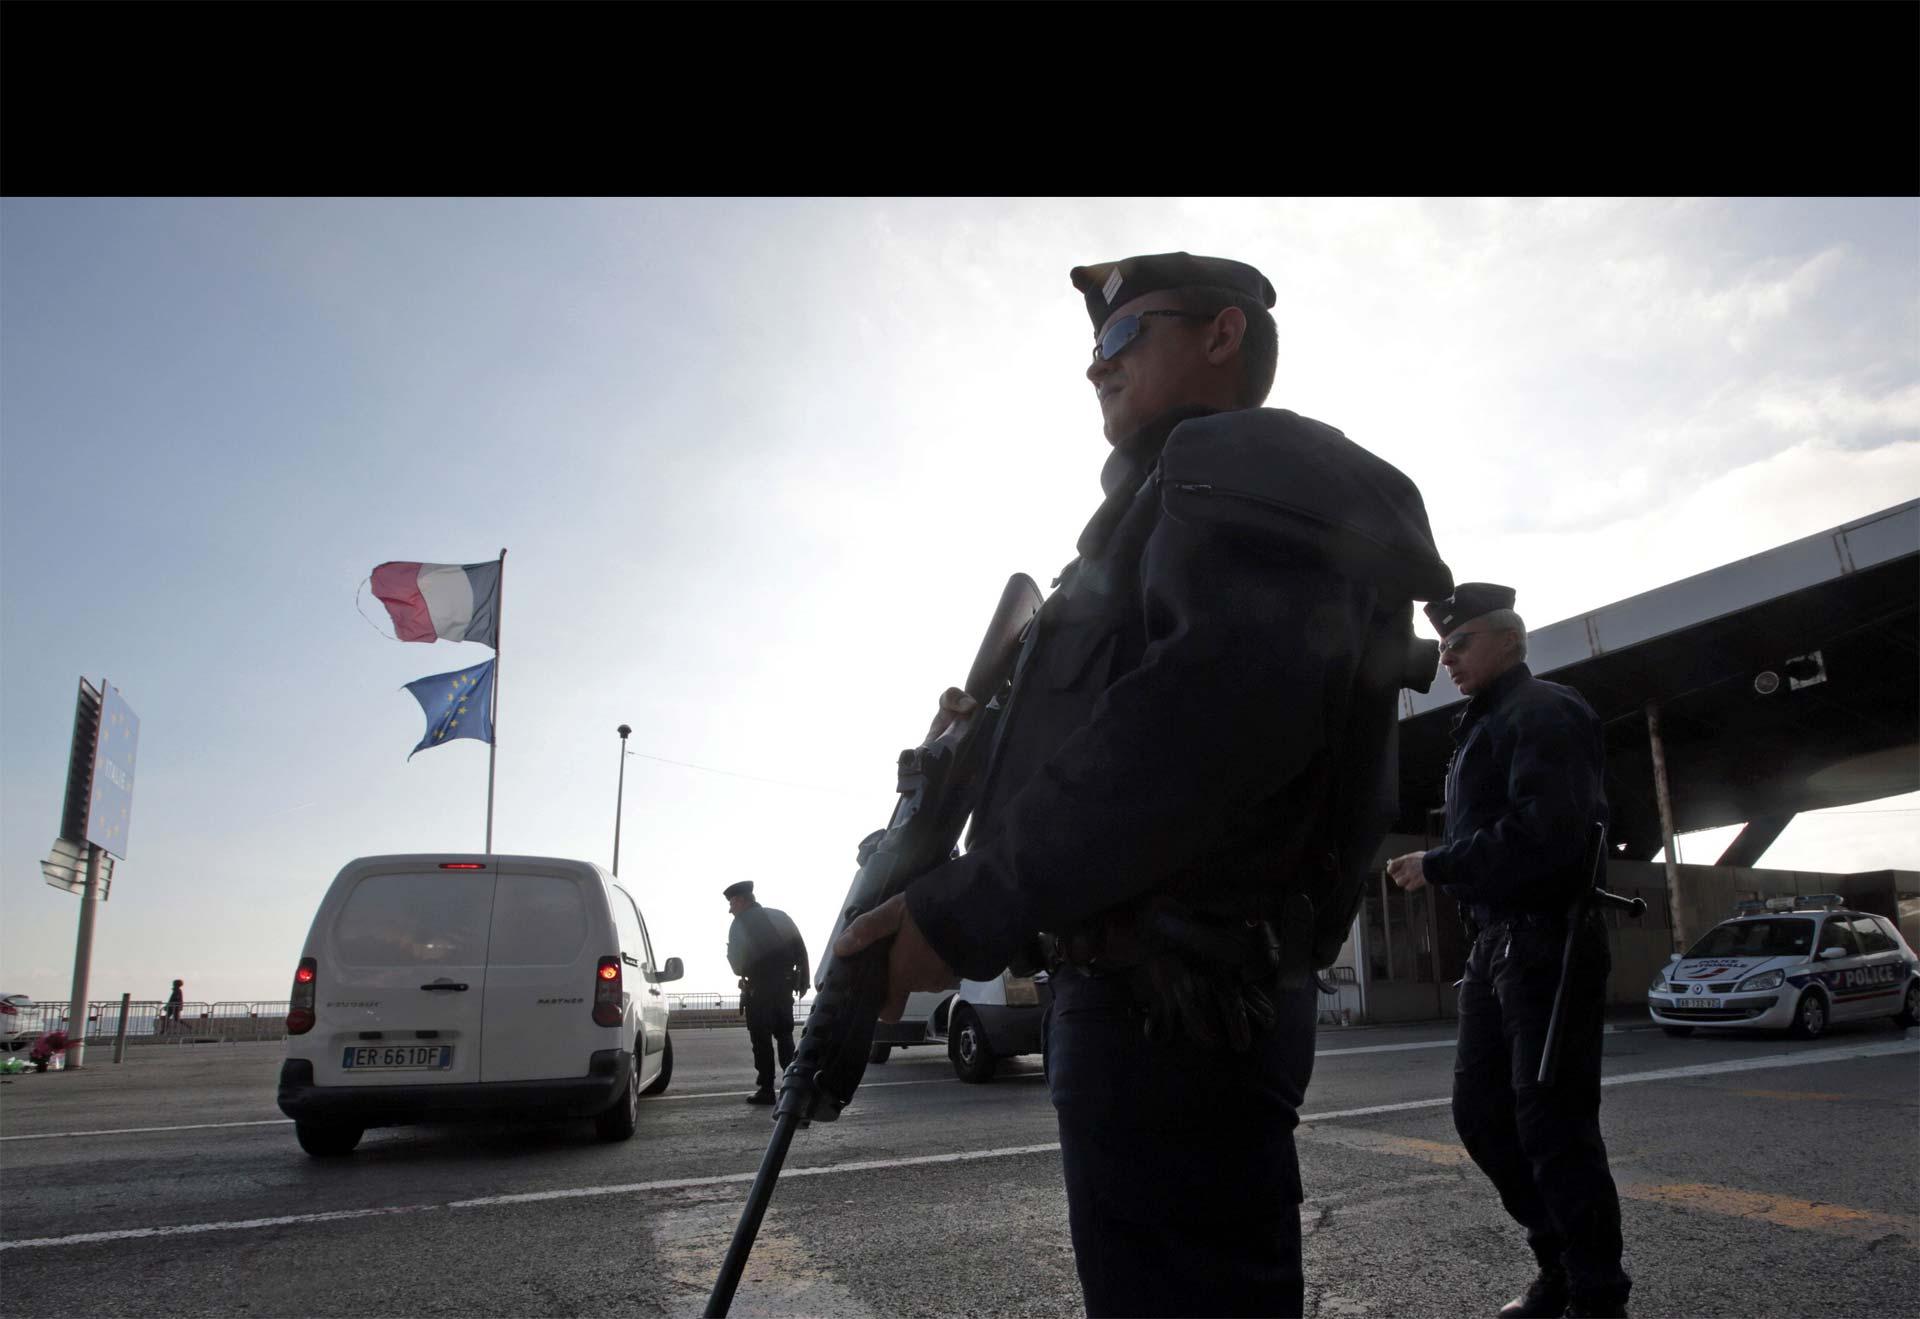 Luego de los atentados en París, las fuerzas de seguridad han reforzado las fronteras